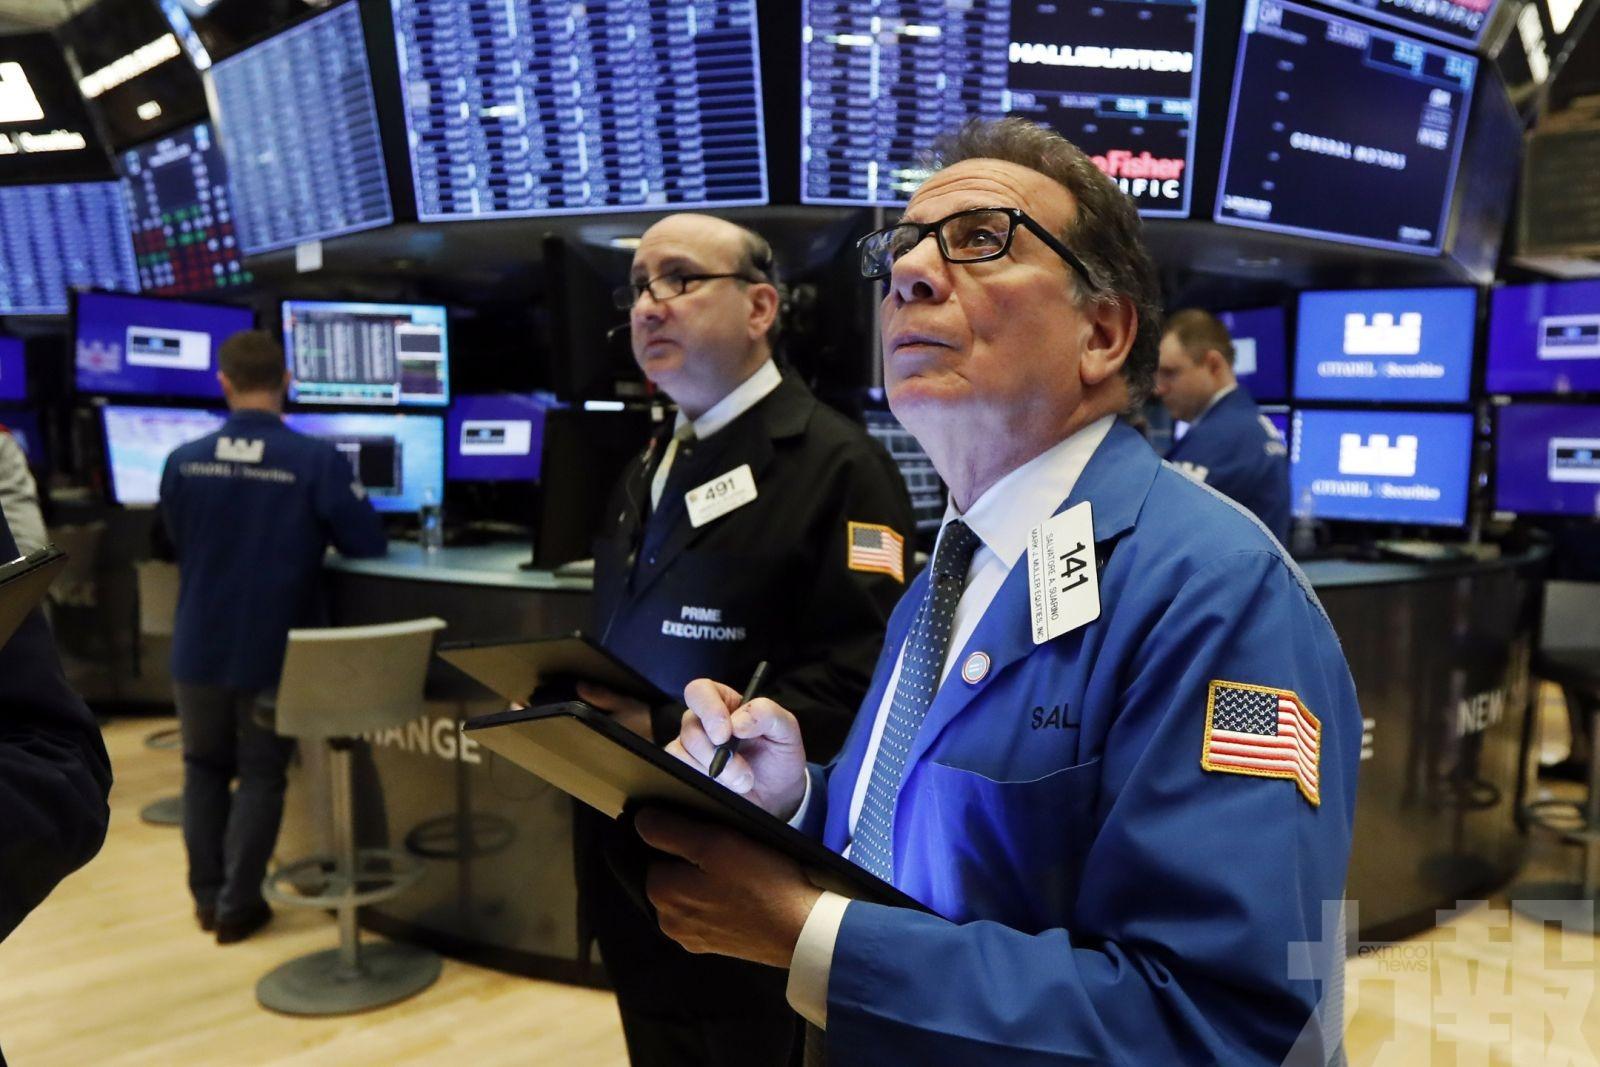 道指升逾200點 港股開升206點報24,664